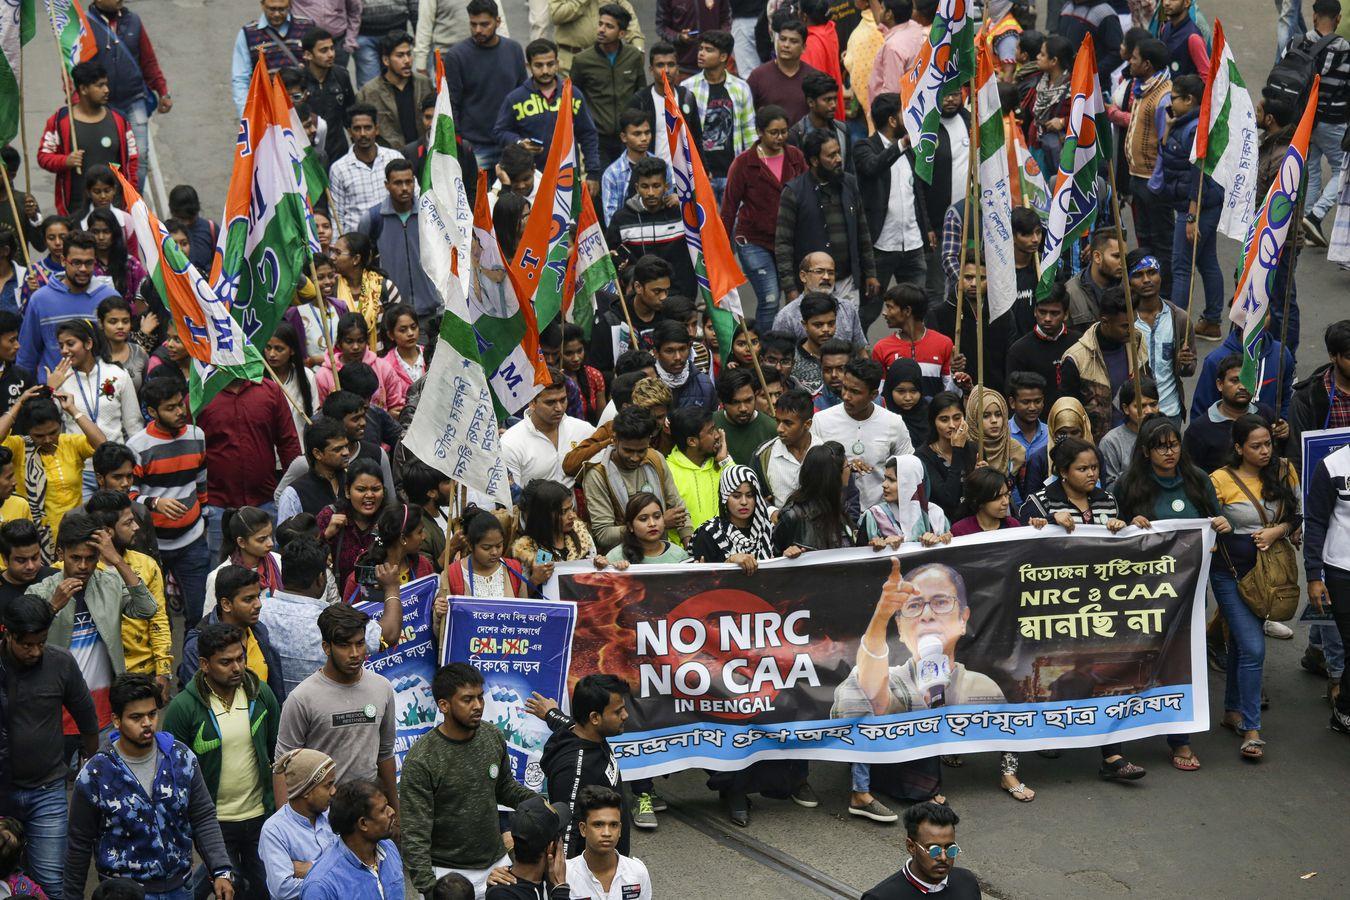 印度《公民身分法》引发大规模示威。